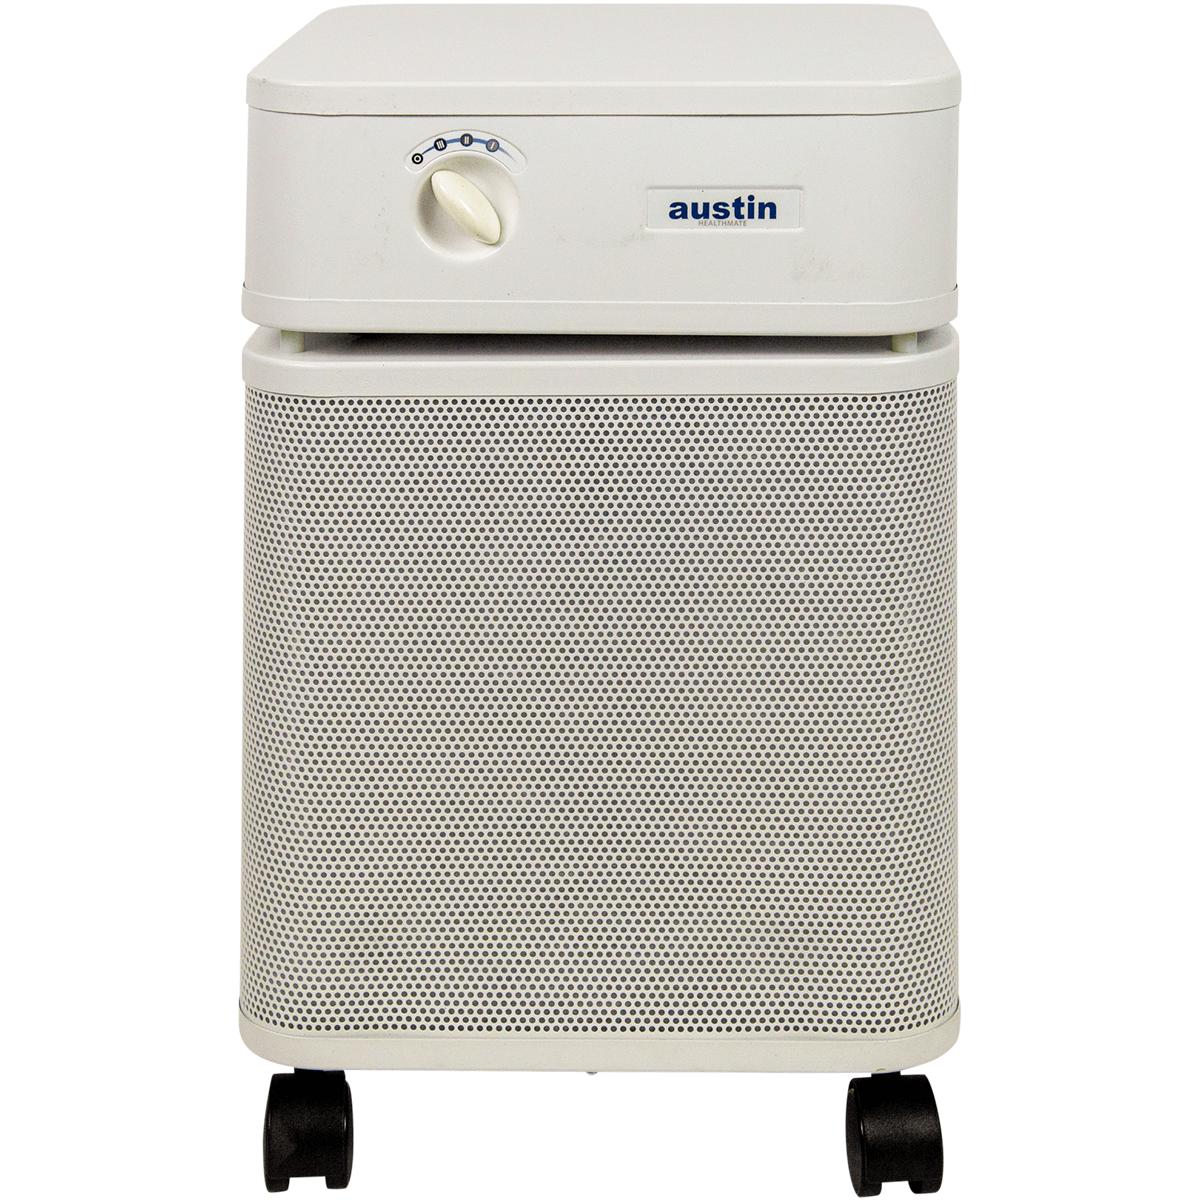 Austin Air HealthMate HM400 Air Purifier - Sandstone